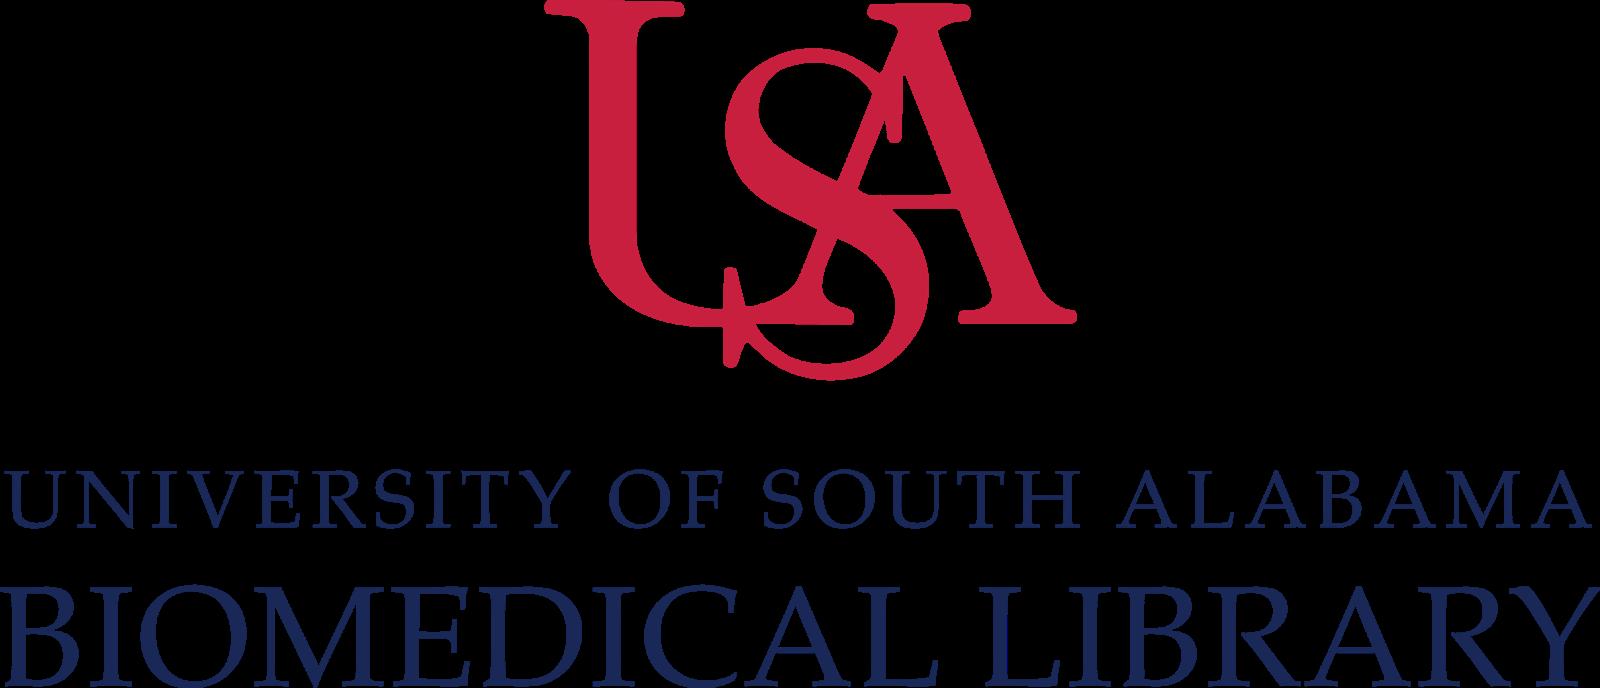 USA Biomedical Library Logo